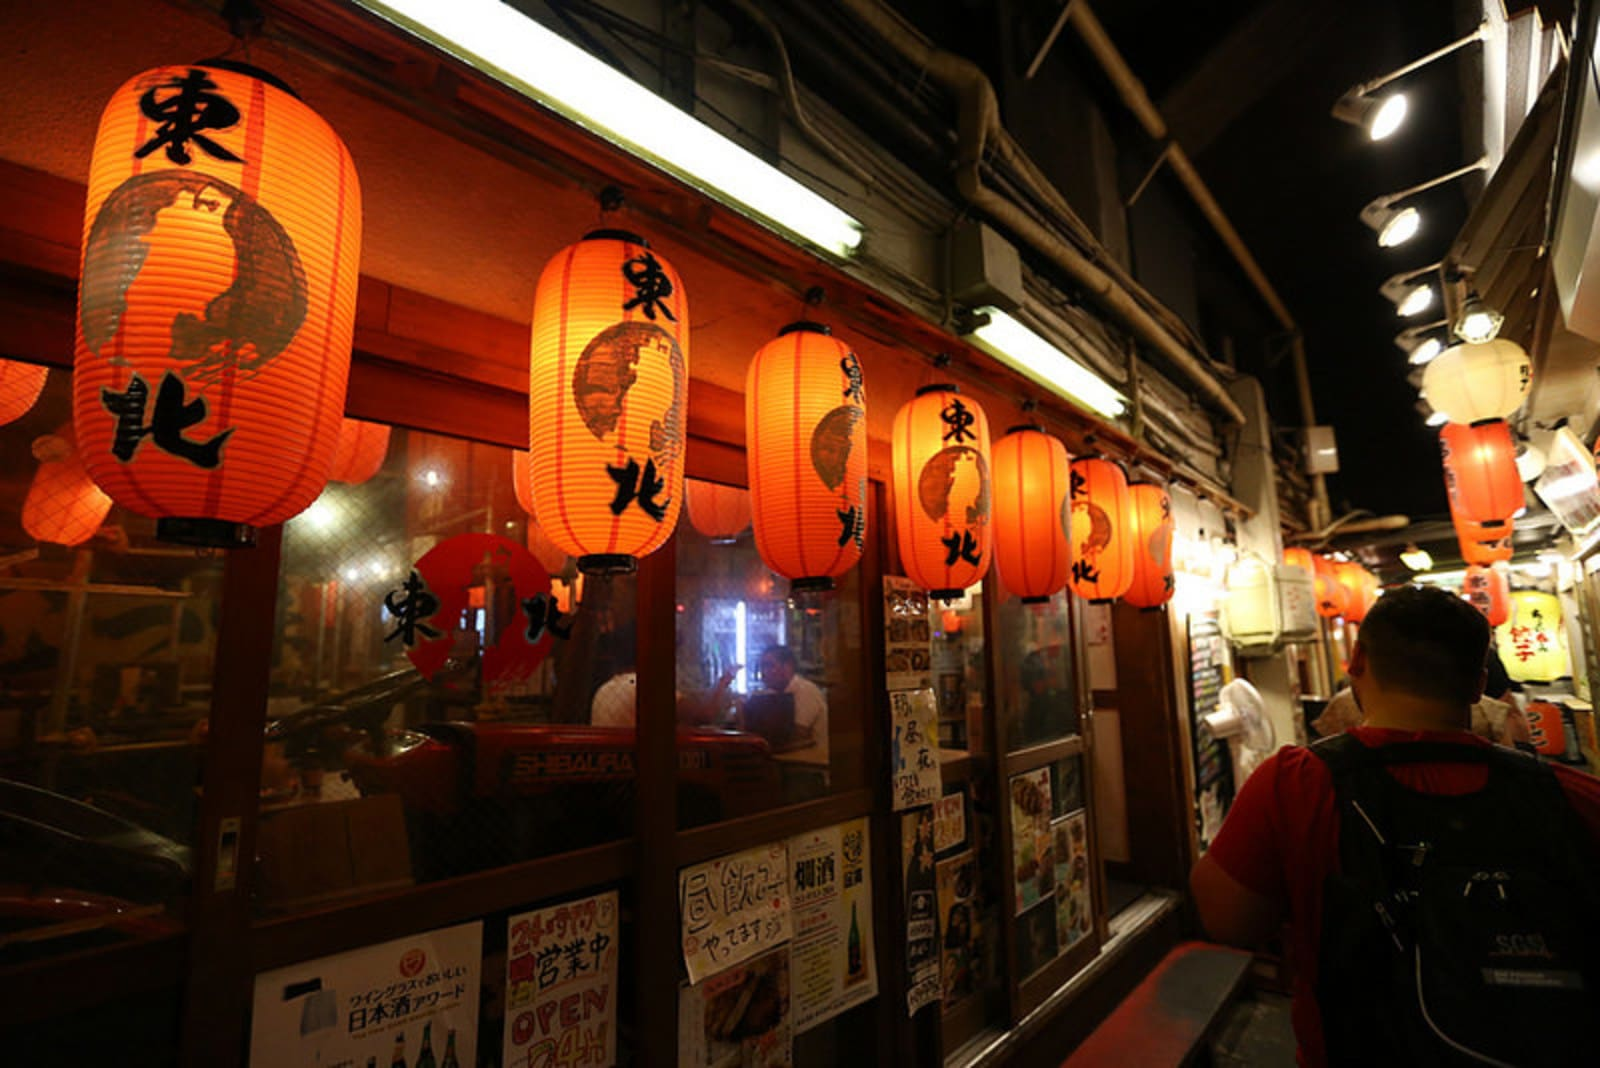 Tokyo is full of hidden delights